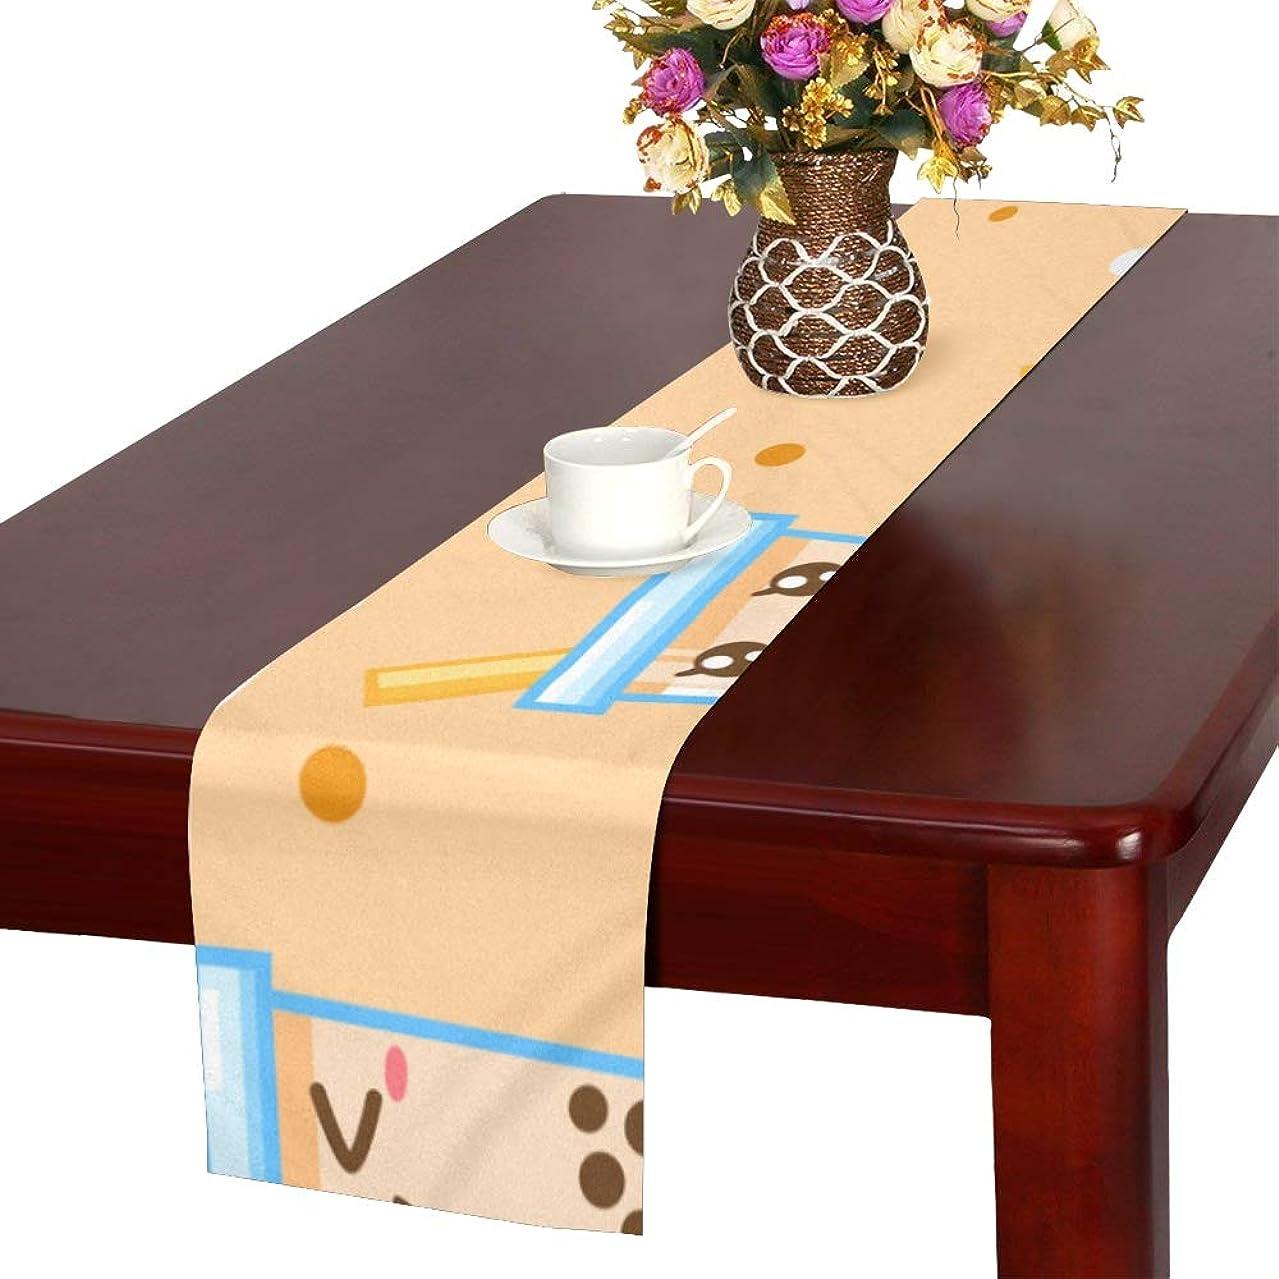 依存する平らにするリズムLKCDNG テーブルランナー 爽やかなお茶 クロス 食卓カバー 麻綿製 欧米 おしゃれ 16 Inch X 72 Inch (40cm X 182cm) キッチン ダイニング ホーム デコレーション モダン リビング 洗える